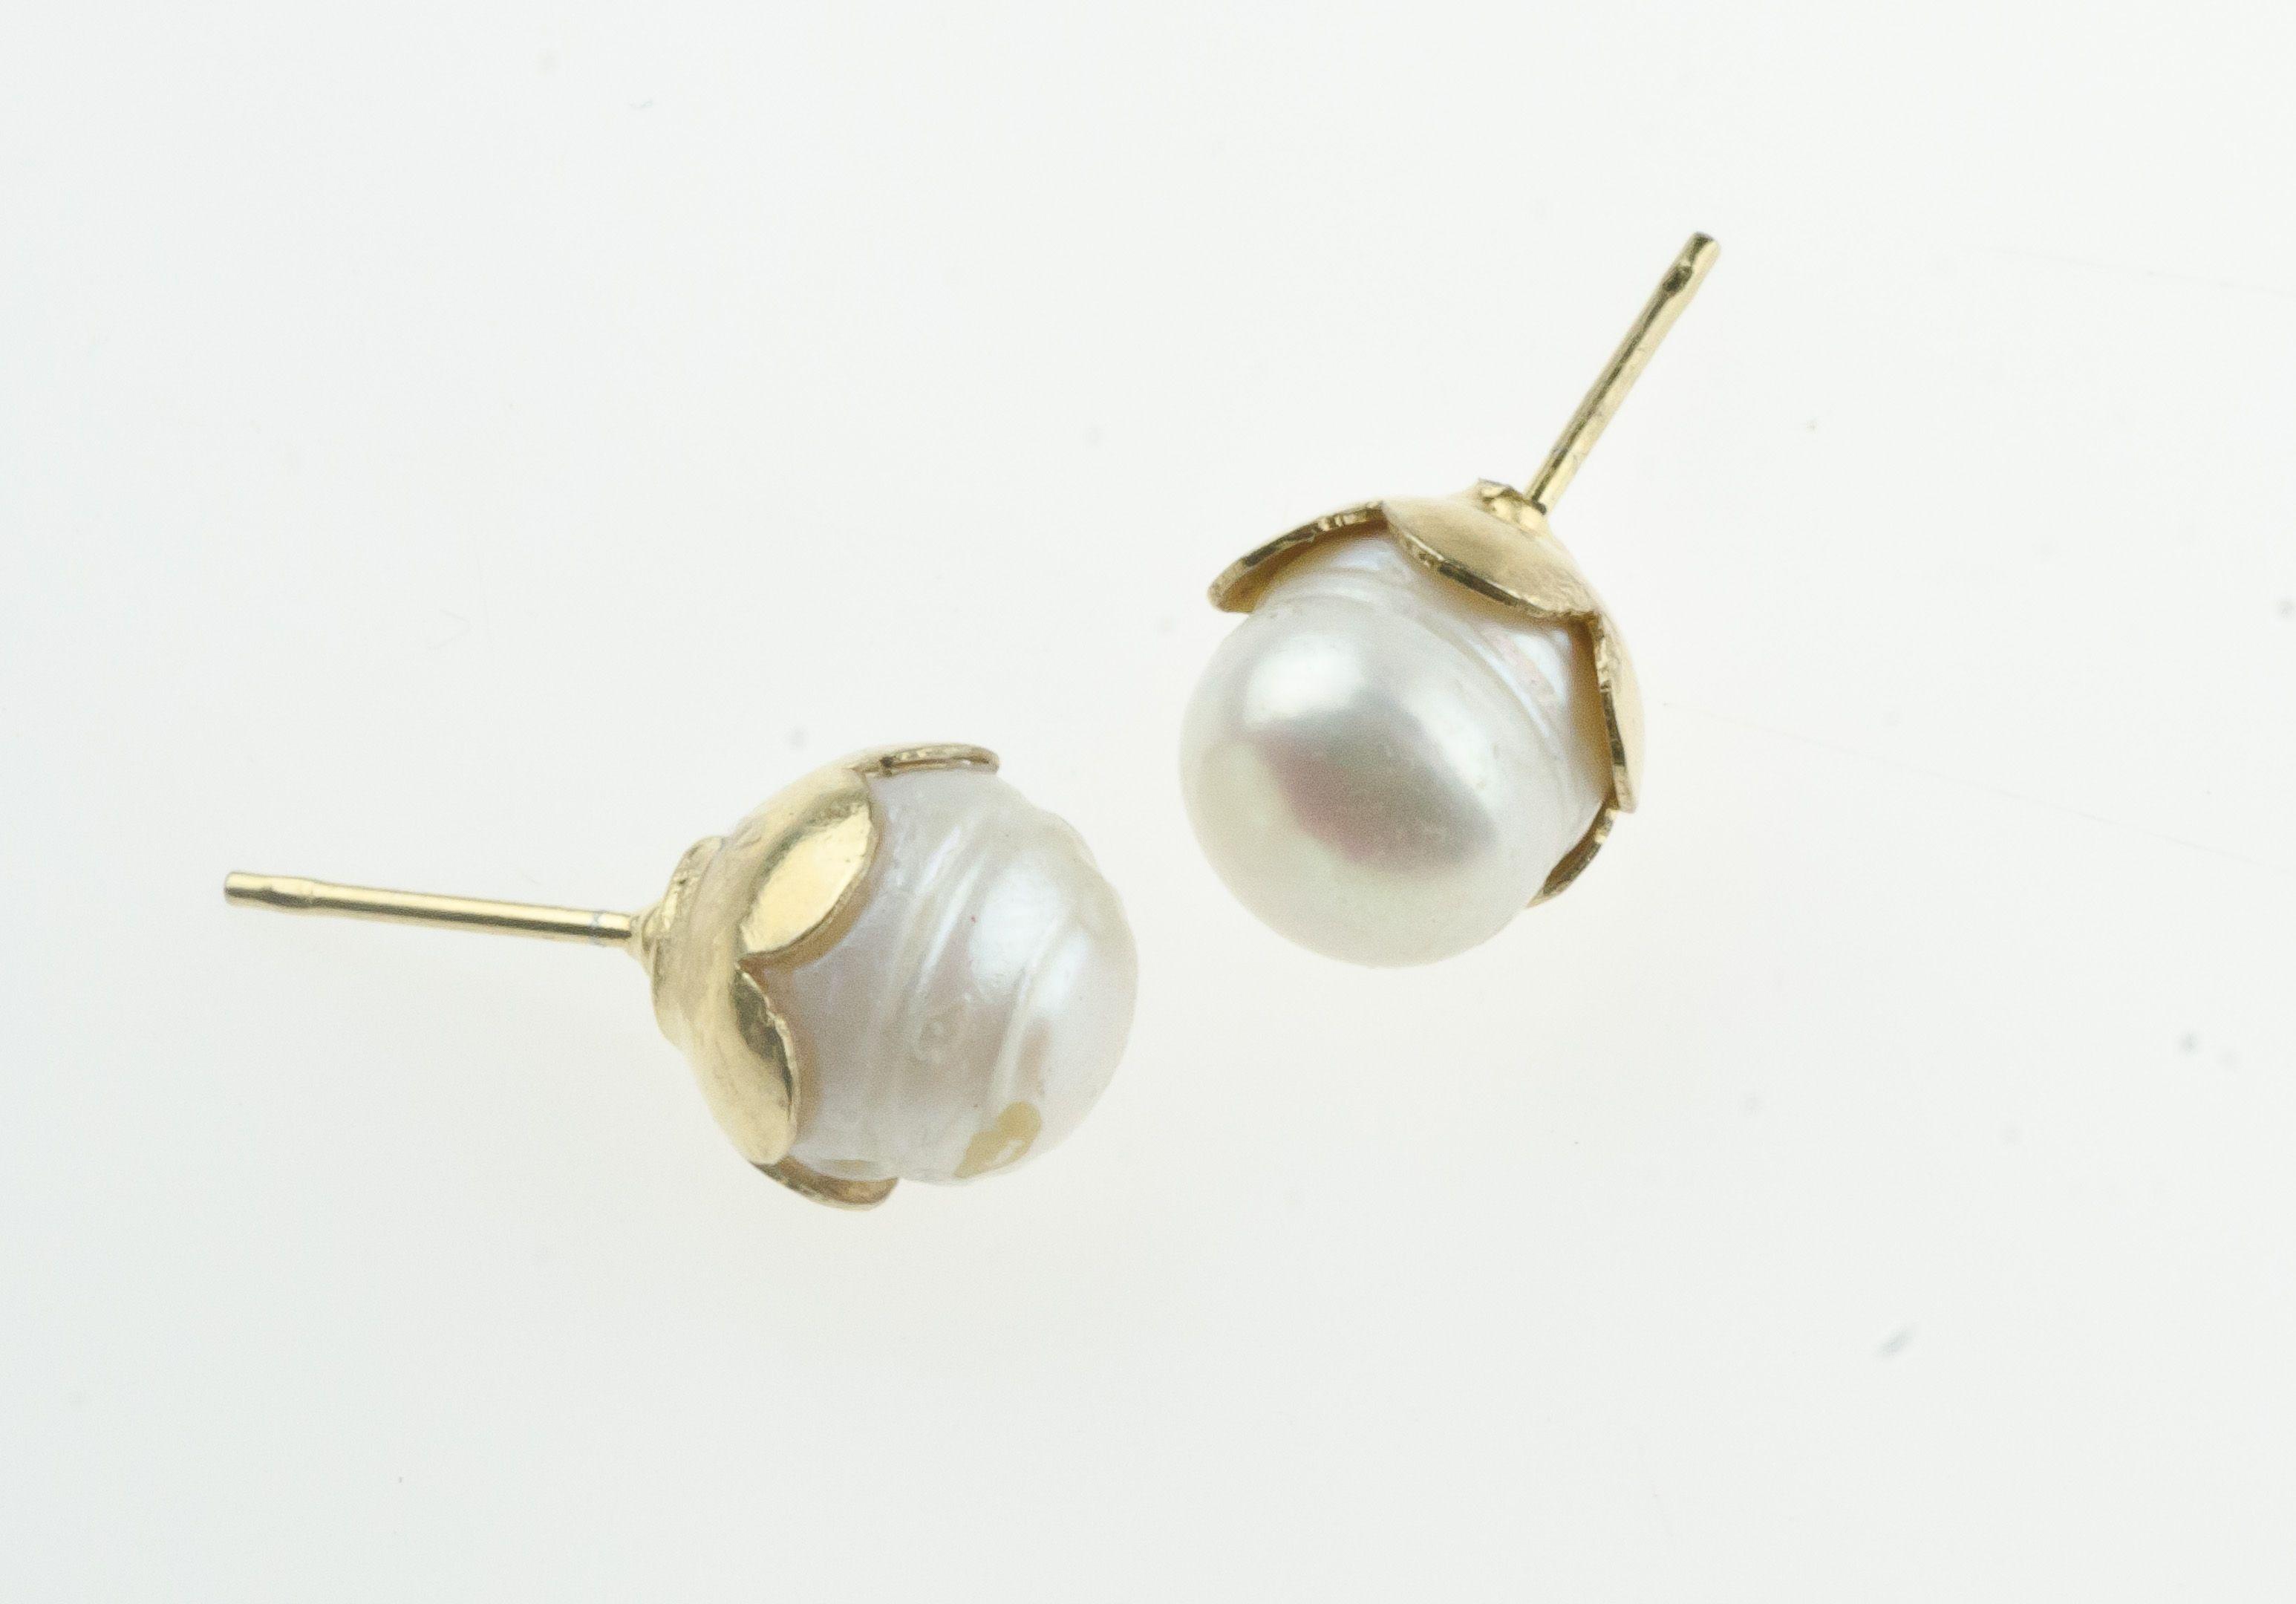 5def23c77d14 Zarcillos de perla cultivada. Todas nuestras piezas son hechas a mano con  talento 100% venezolano! Correo  nardosisabet hotmail.com